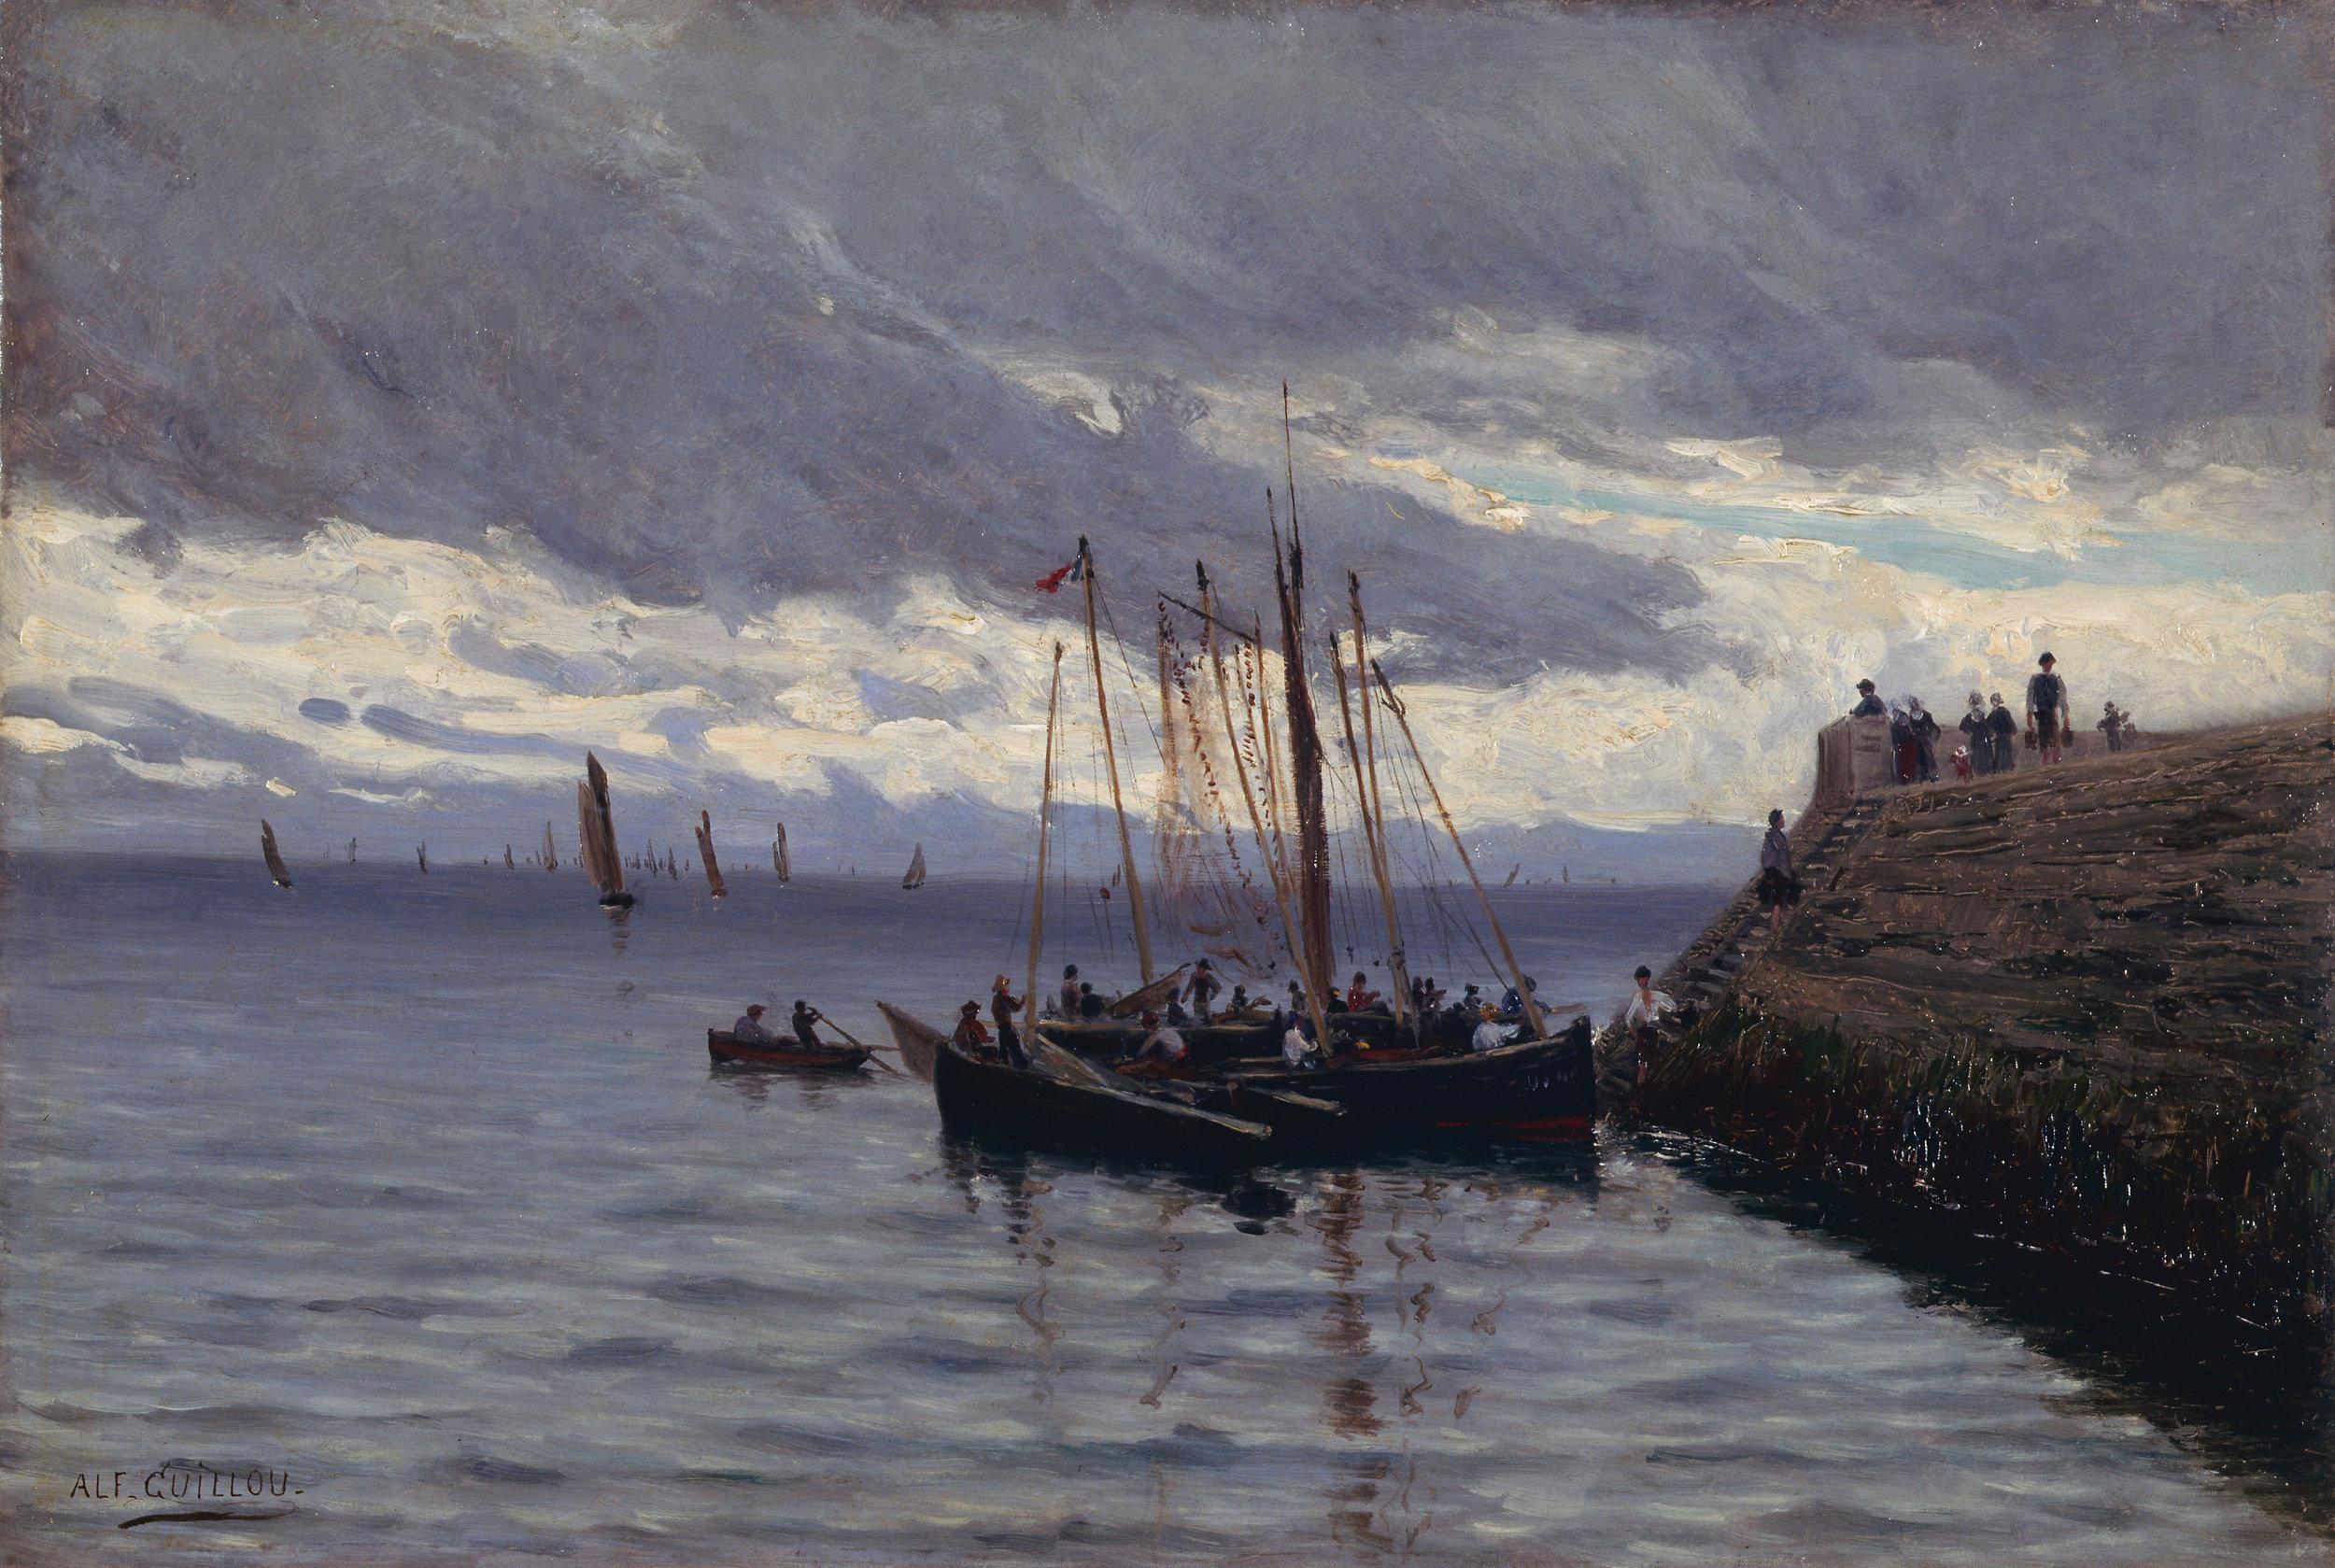 Arrive�e_des_pêcheurs_de_sardines_-_Alfred_Guillou_-_muse�e_d'art_et_d'histoire_de_Saint-Brieuc